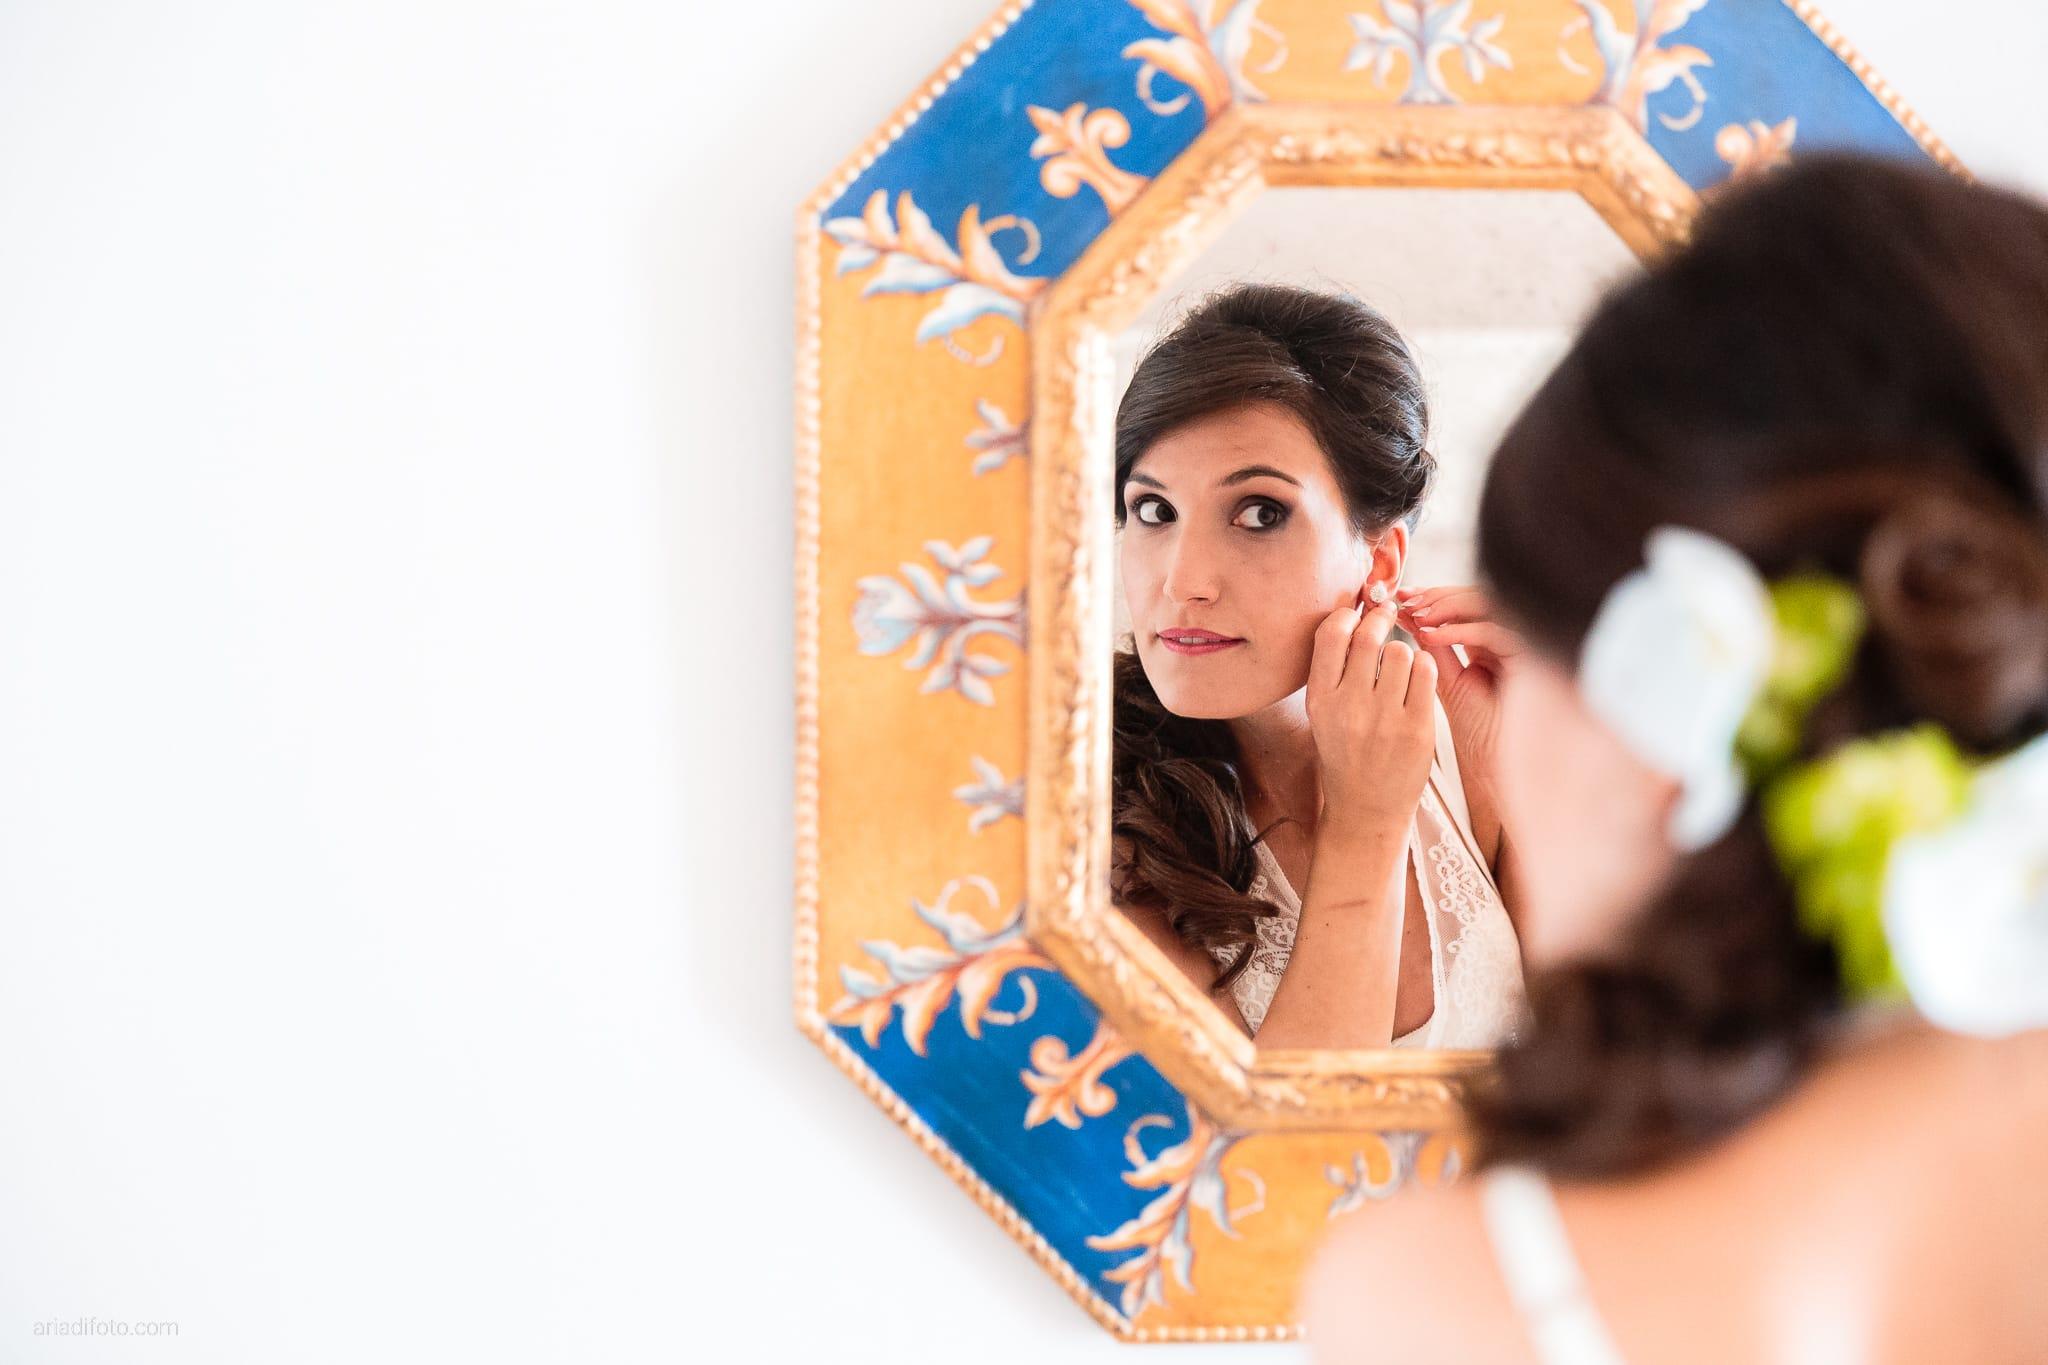 Mariarita Matteo Matrimonio Trieste Villa Attems Cernozza Postcastro Lucinico Gorizia preparativi specchio riflesso orecchini